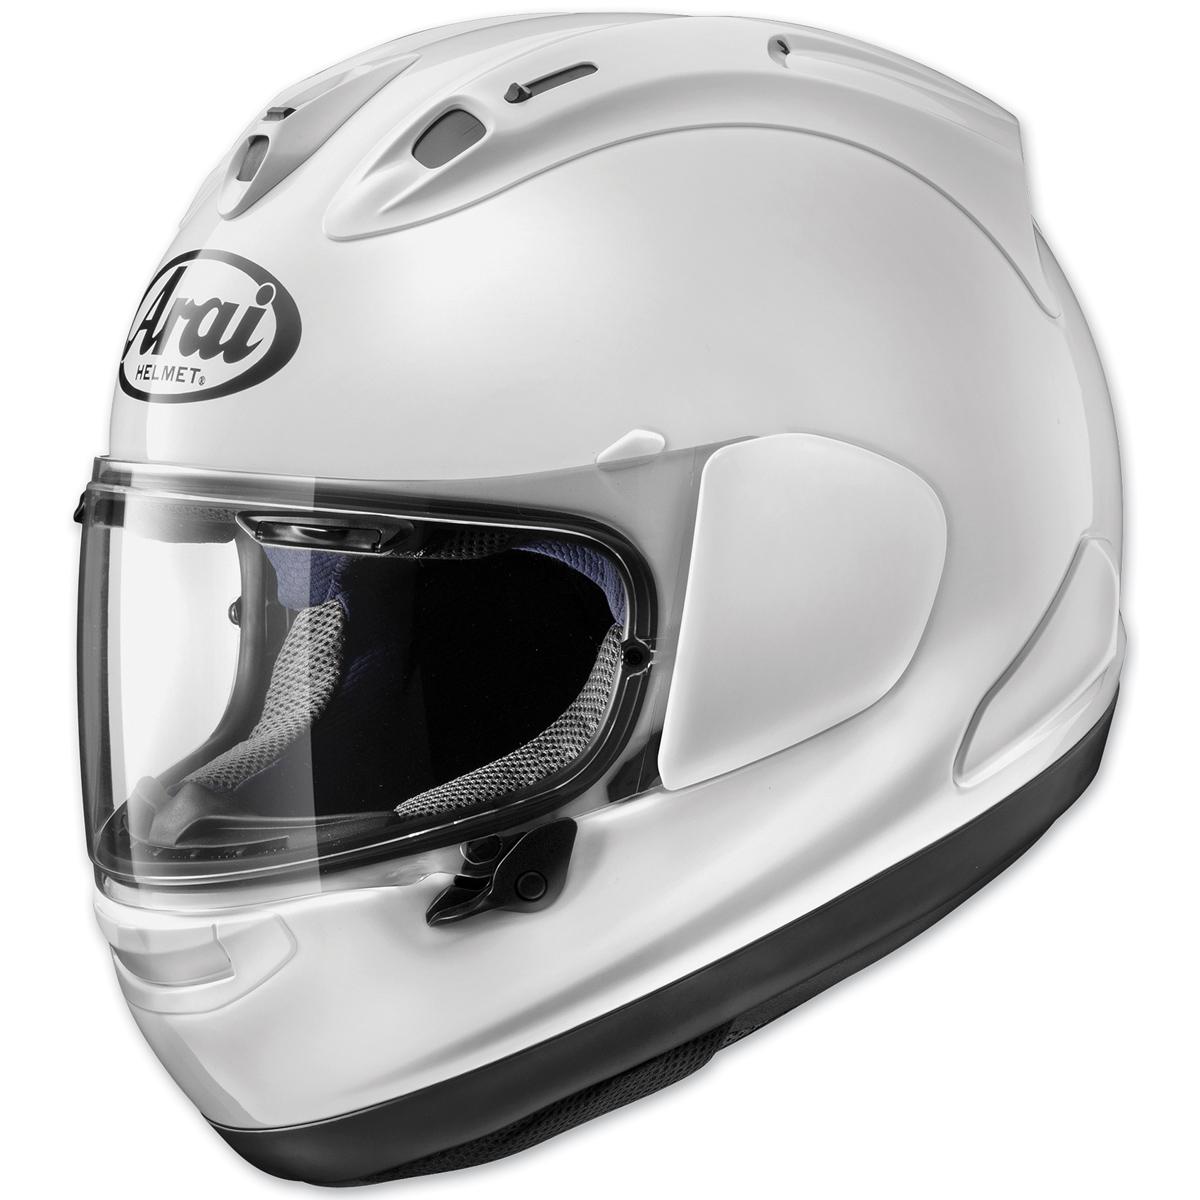 Arai Corsair-X White Full Face Helmet